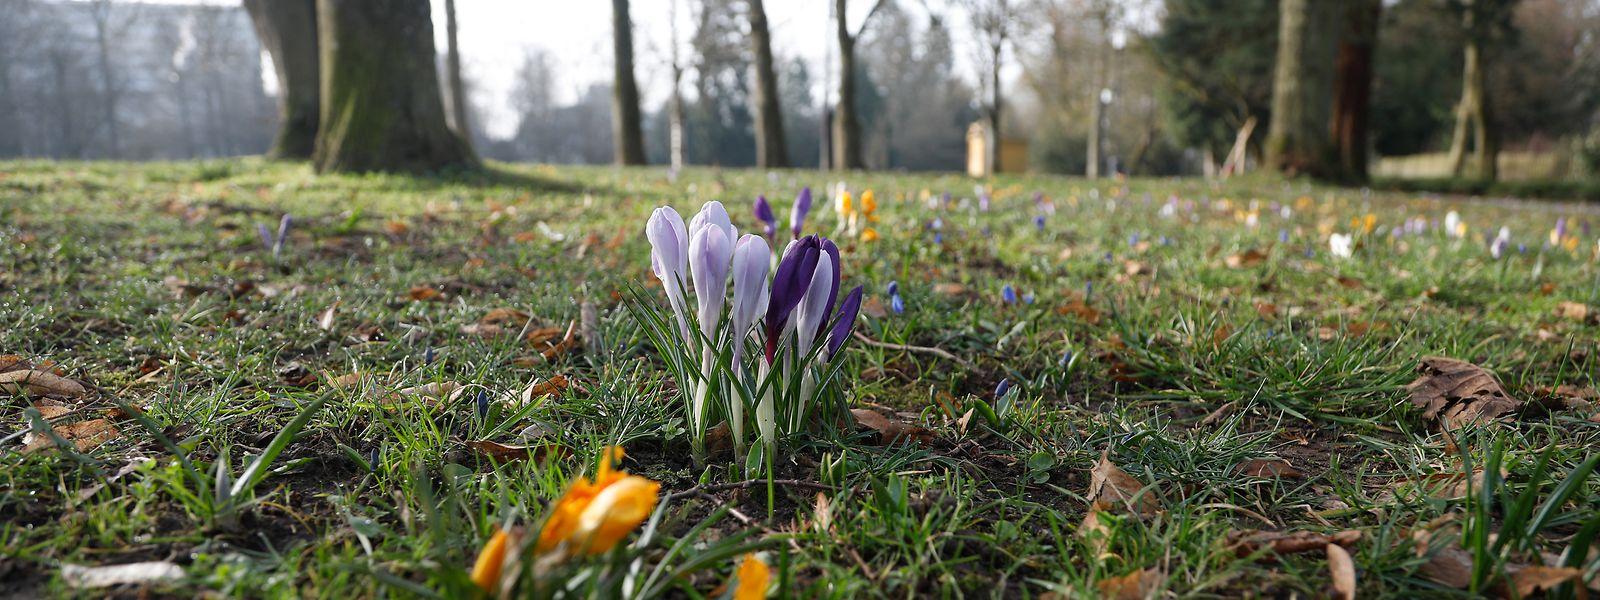 Frühlingserwachen: Das Wetter zeigte sich im März meist von einer freundlichen Seite. Gegen Ende des Monats war es gar überdurchschnittlich warm.